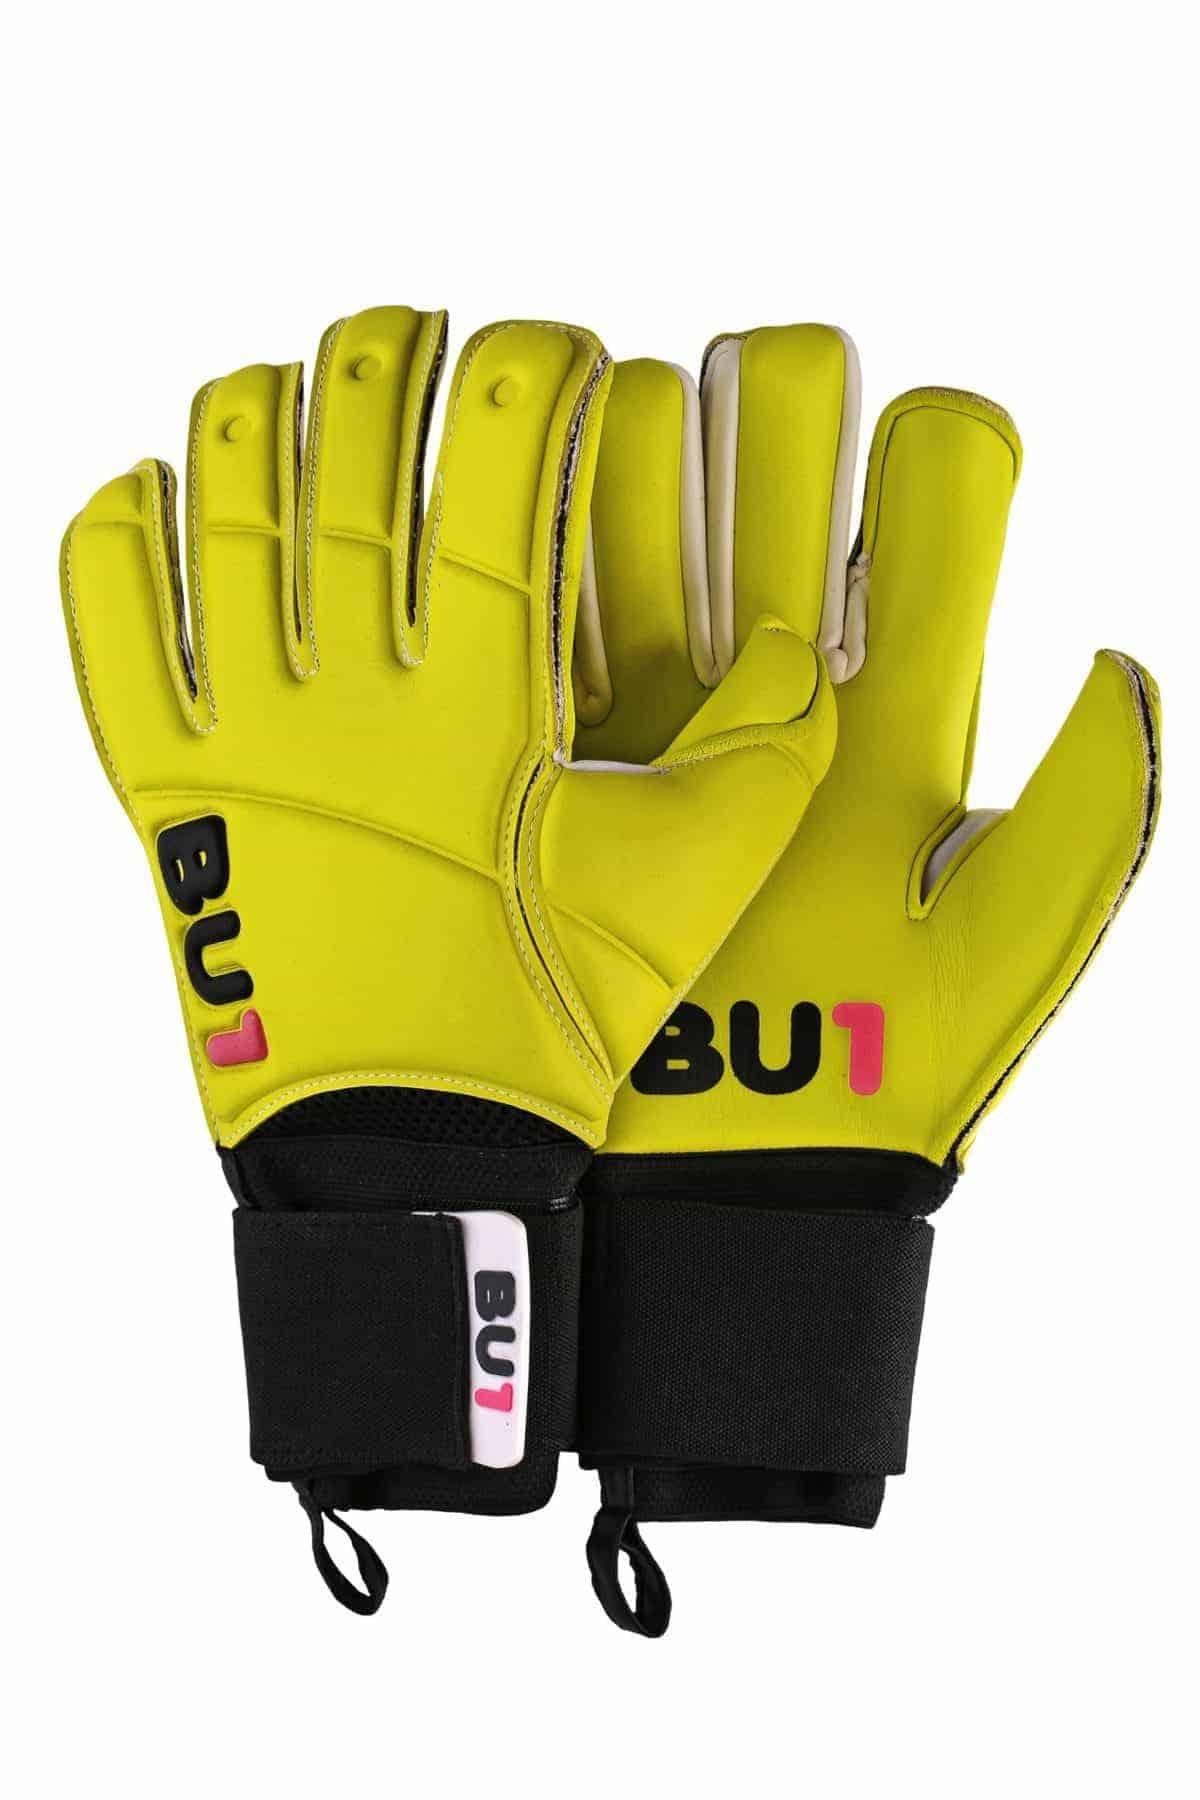 BU1 Lime brankářské rukavice 1364c90184